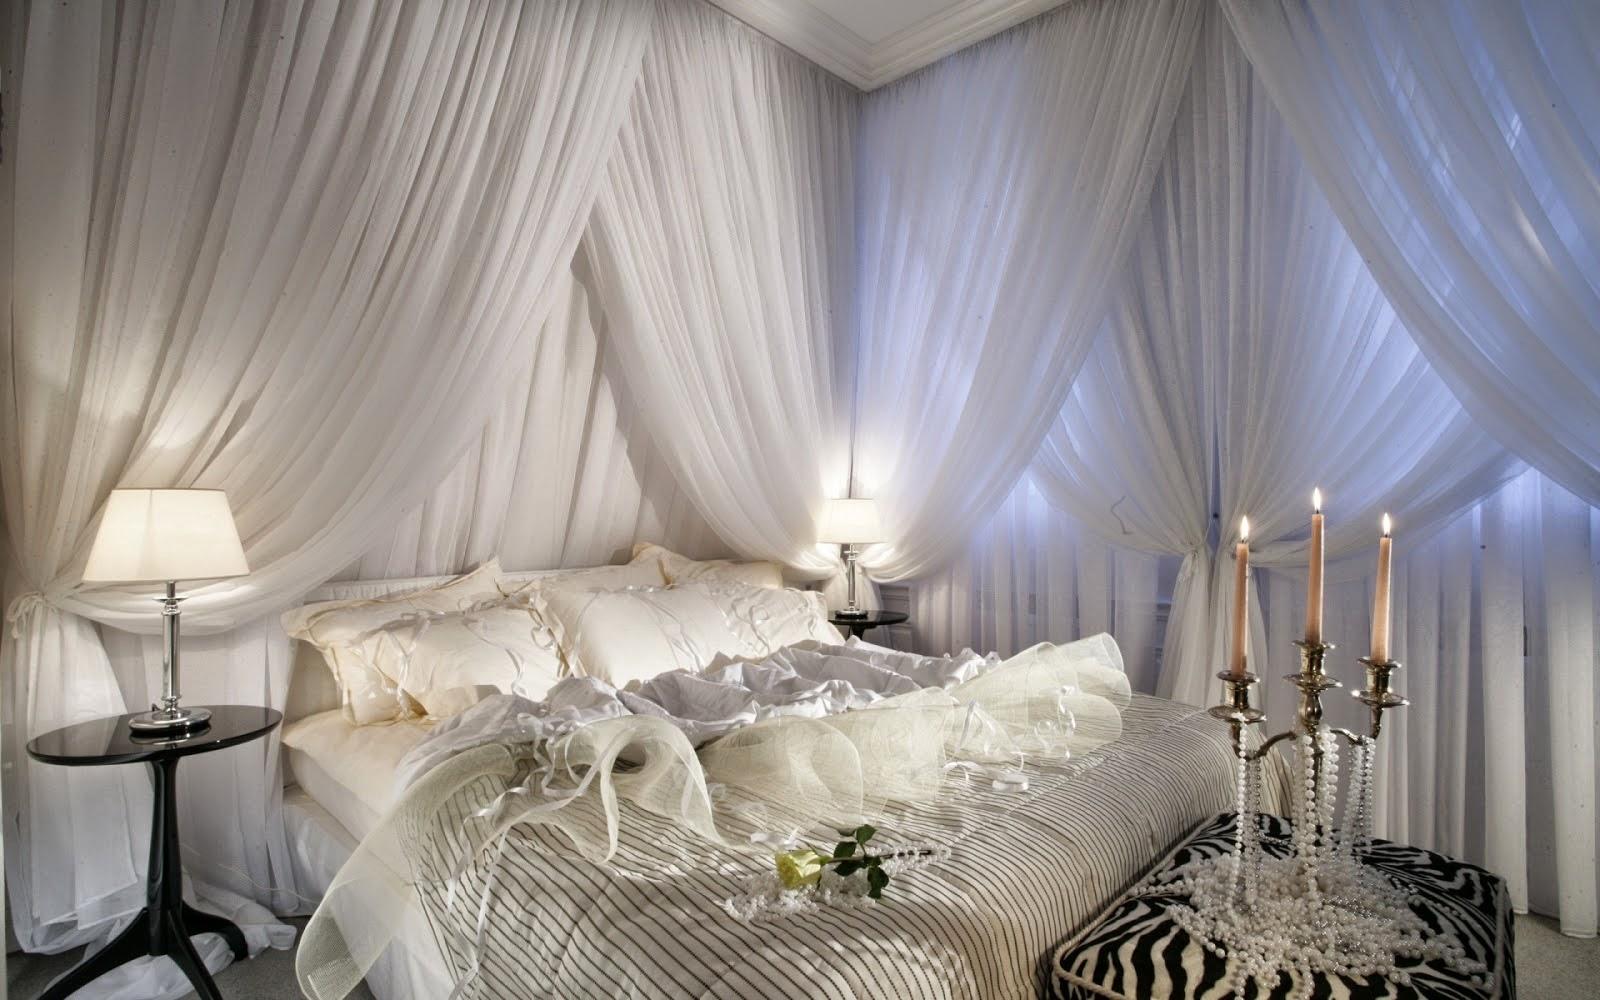 Deco Chambre Romantique Beige - Fashion Designs